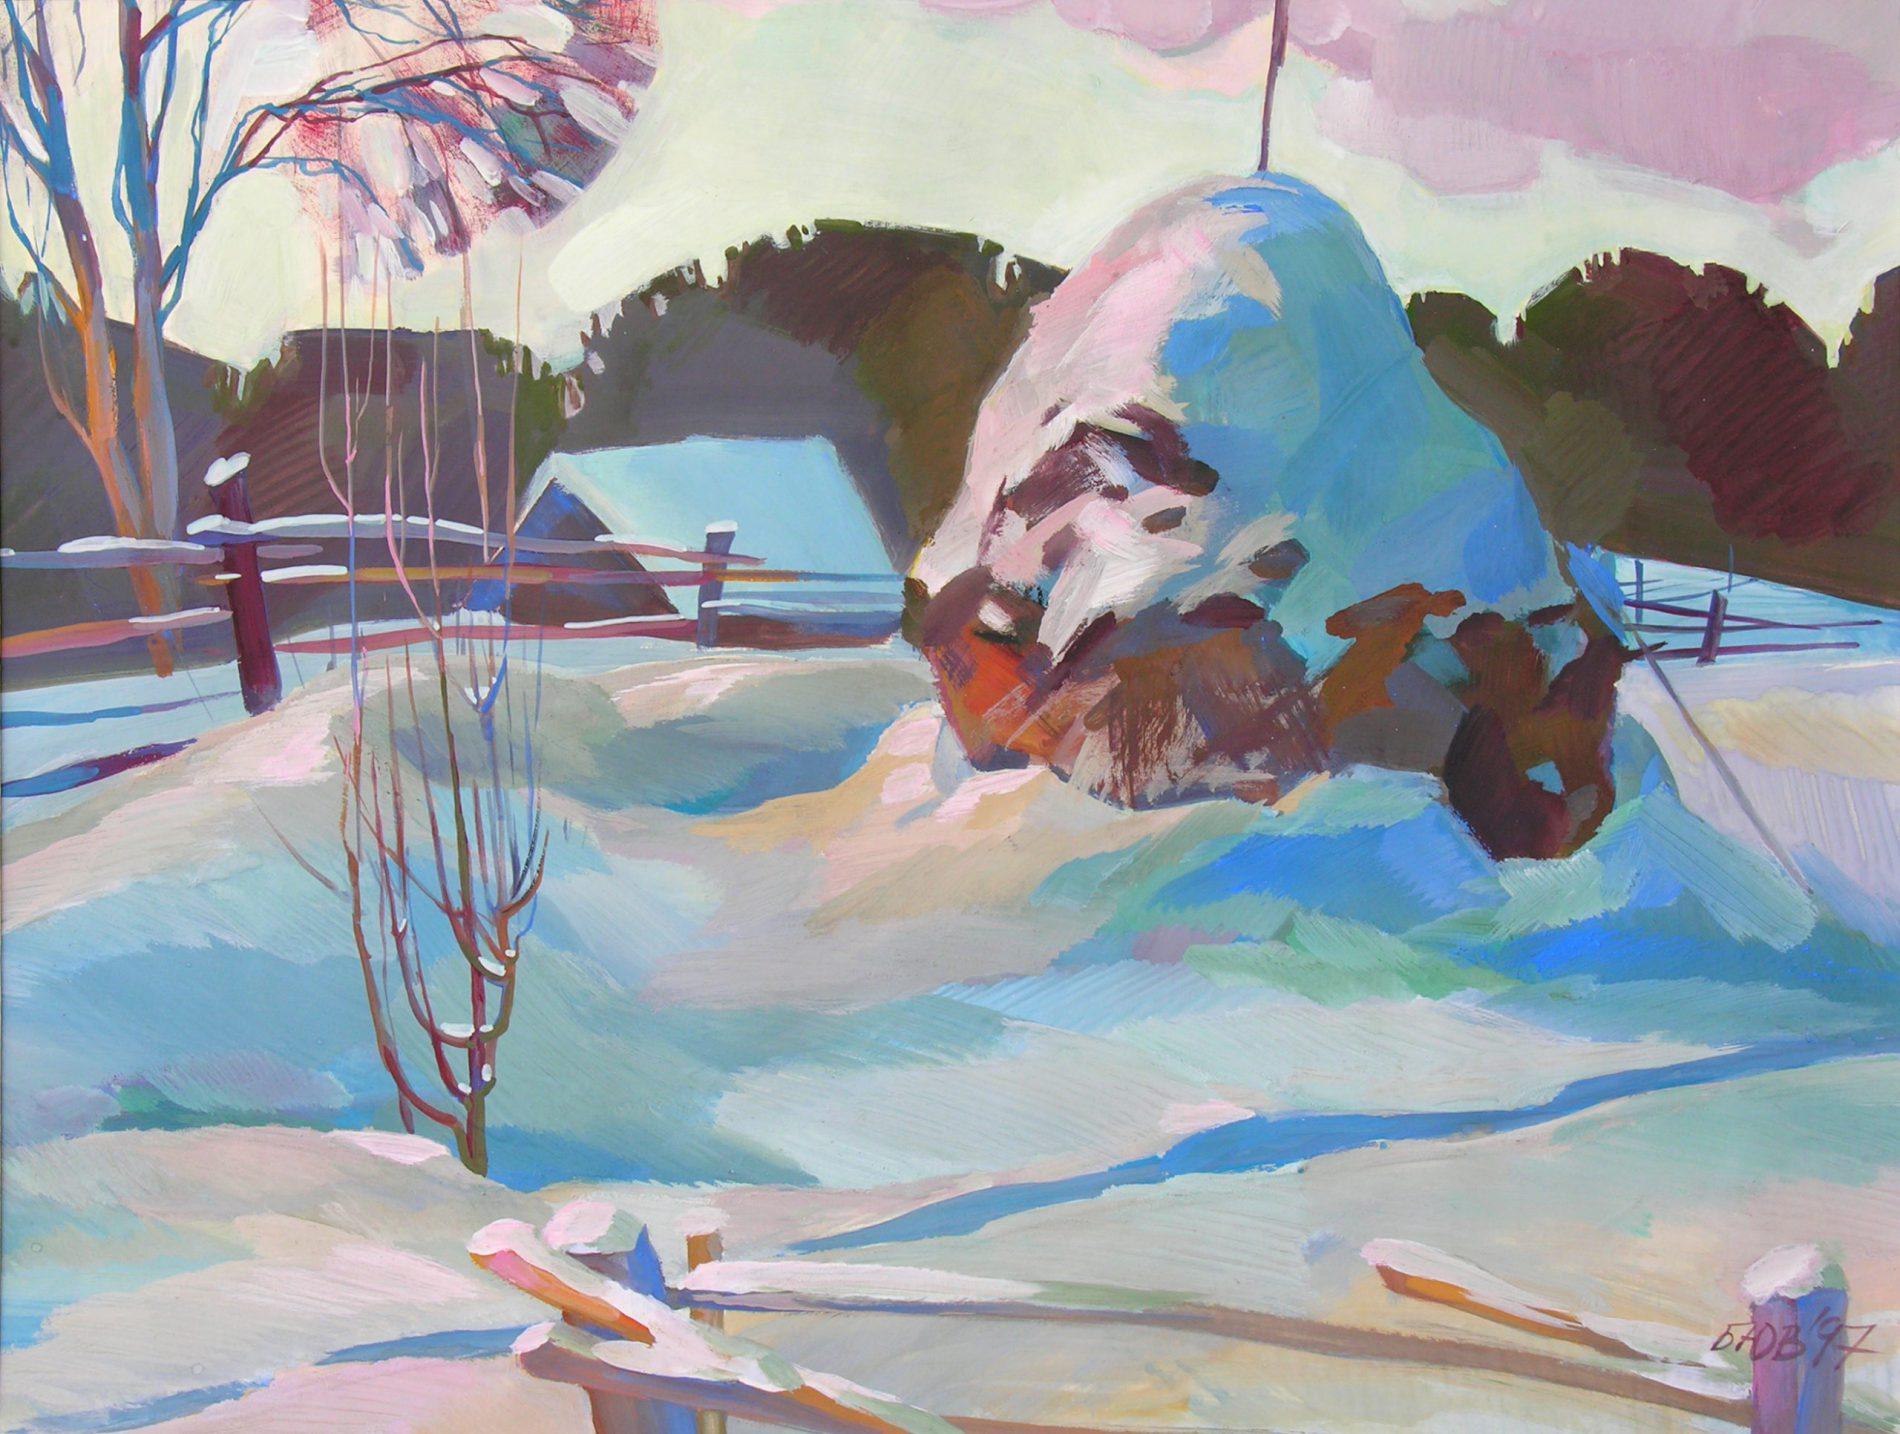 Gemälde von Julia Belot: Heuhaufen in Rosa, Gouache auf Papier, 43 cm x 56 cm, 1997